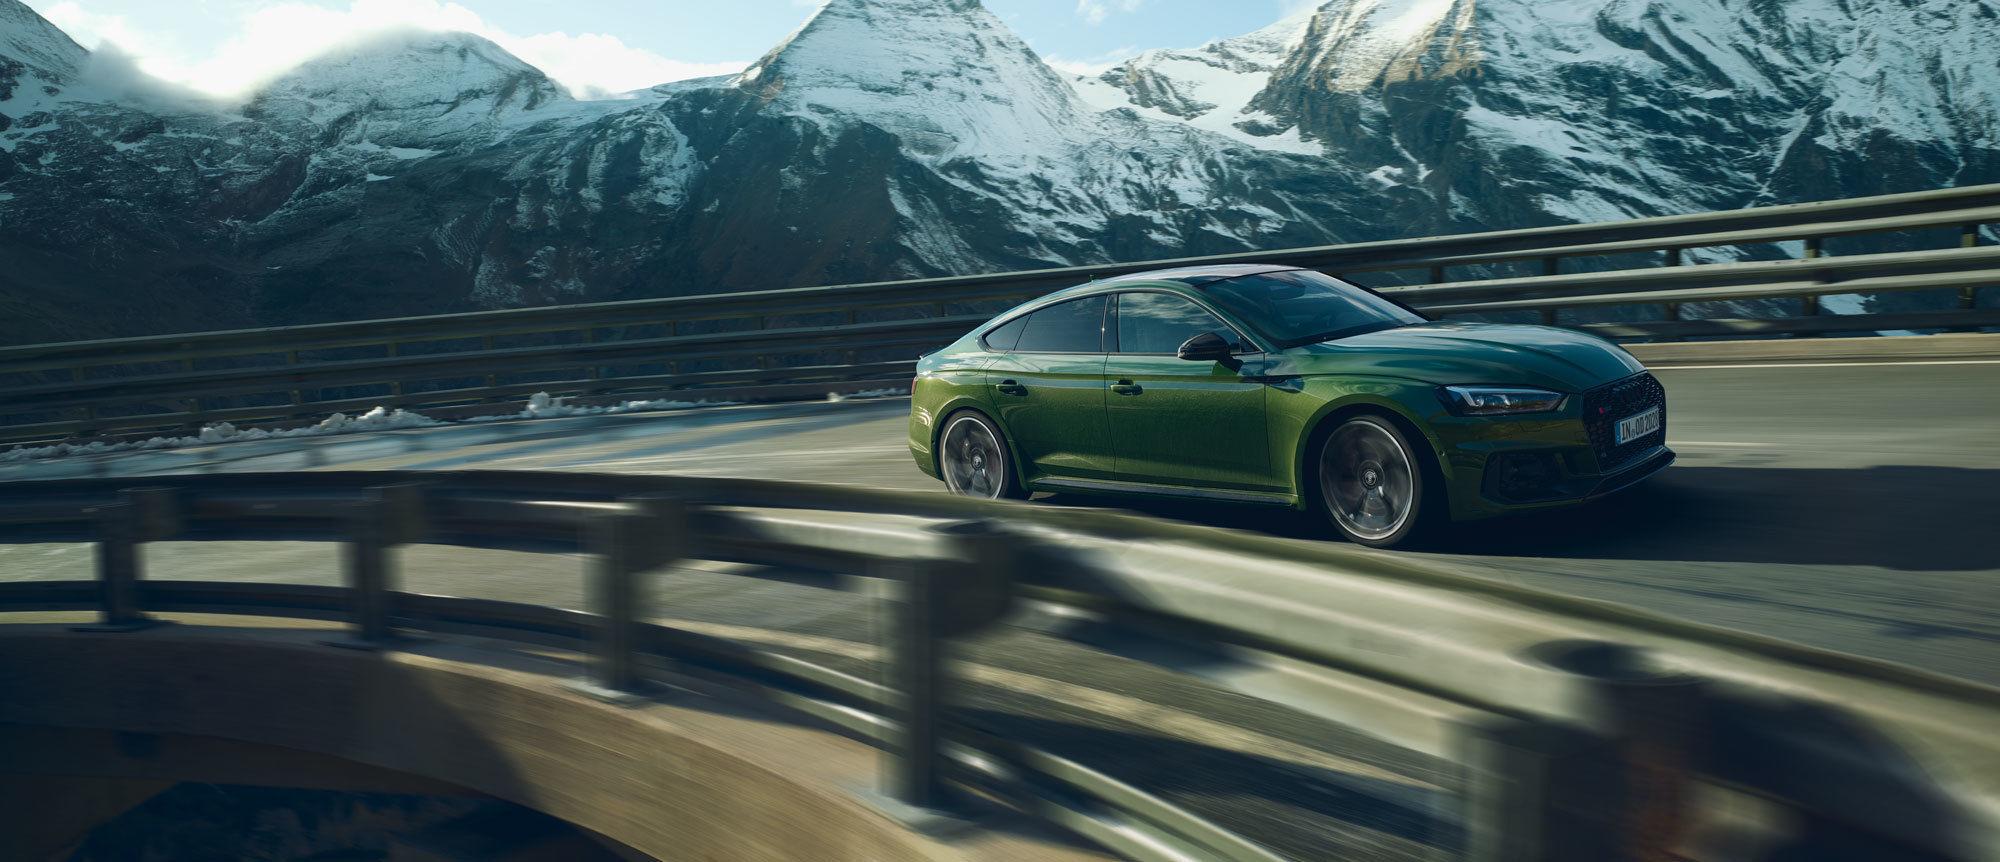 JOHANNES KüHN Audi RS5 am Großglockner